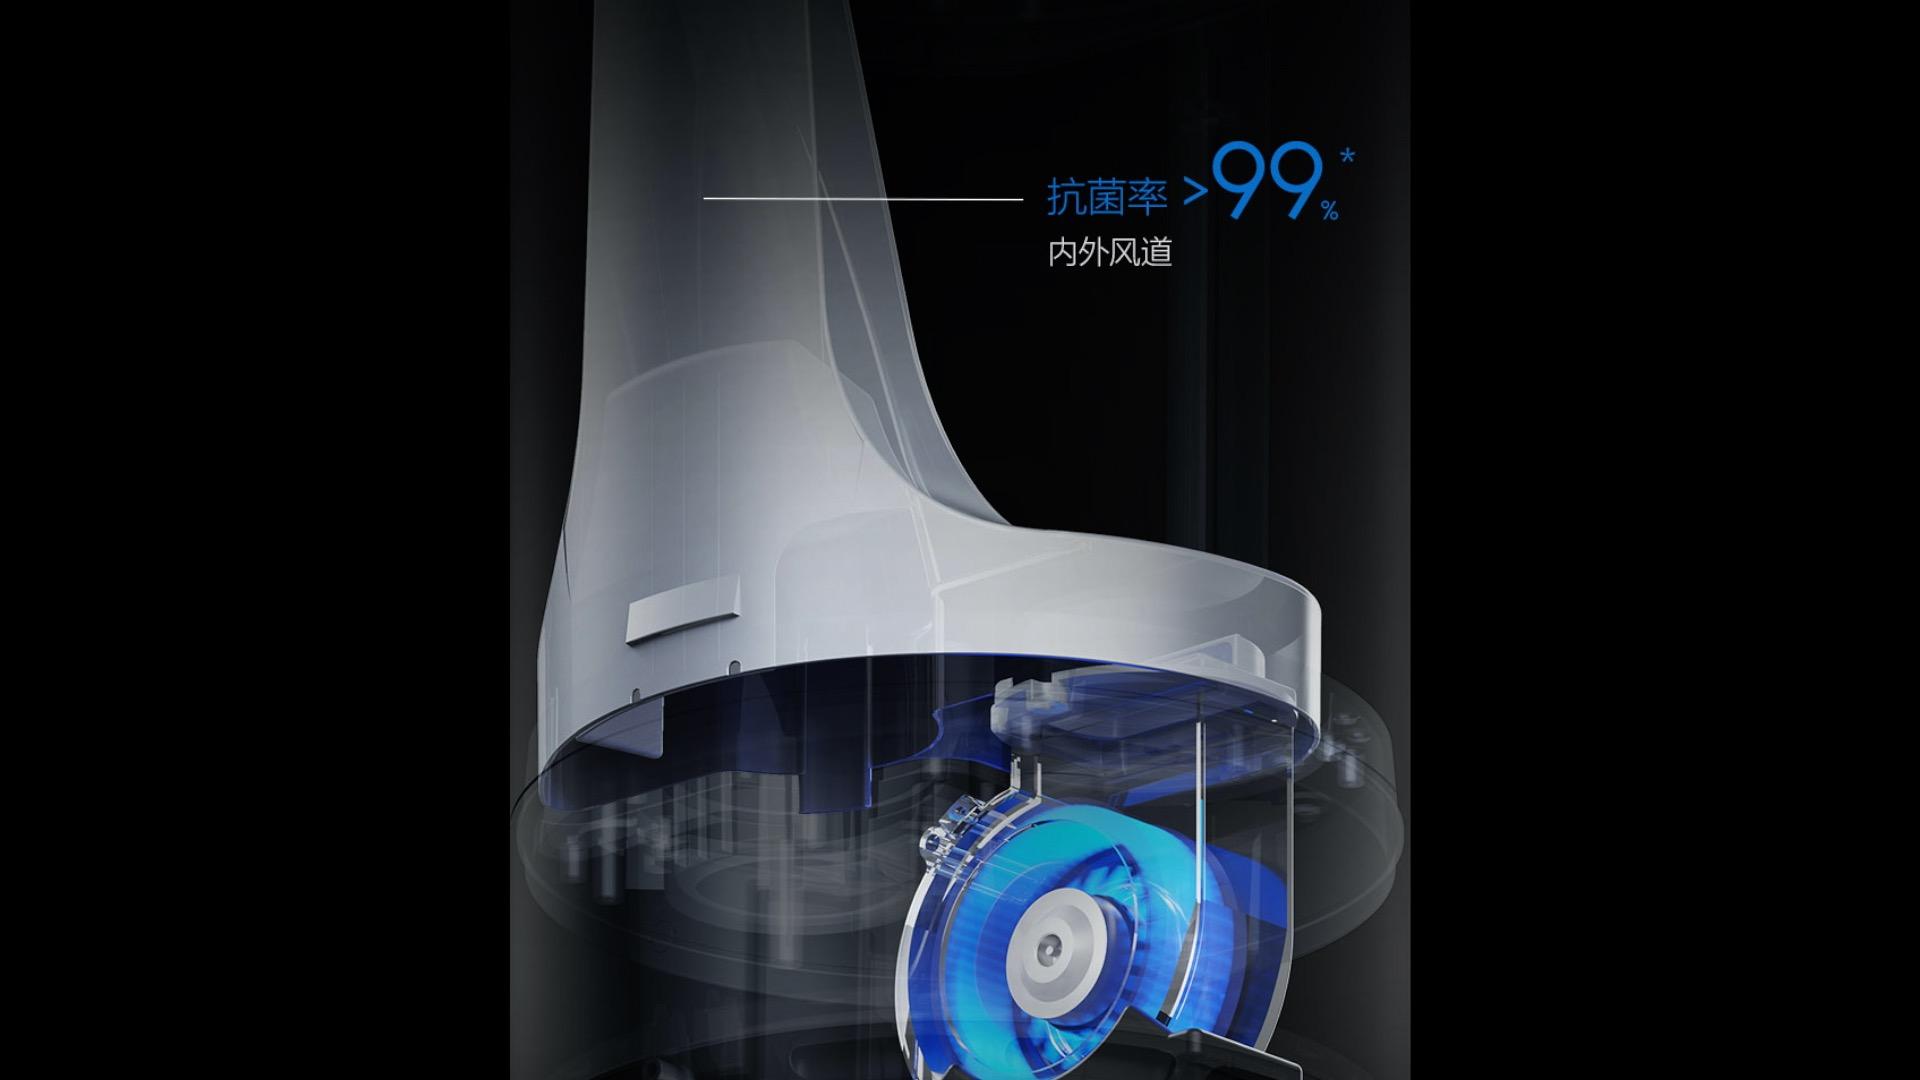 xiaomi mijia humidifier 1s